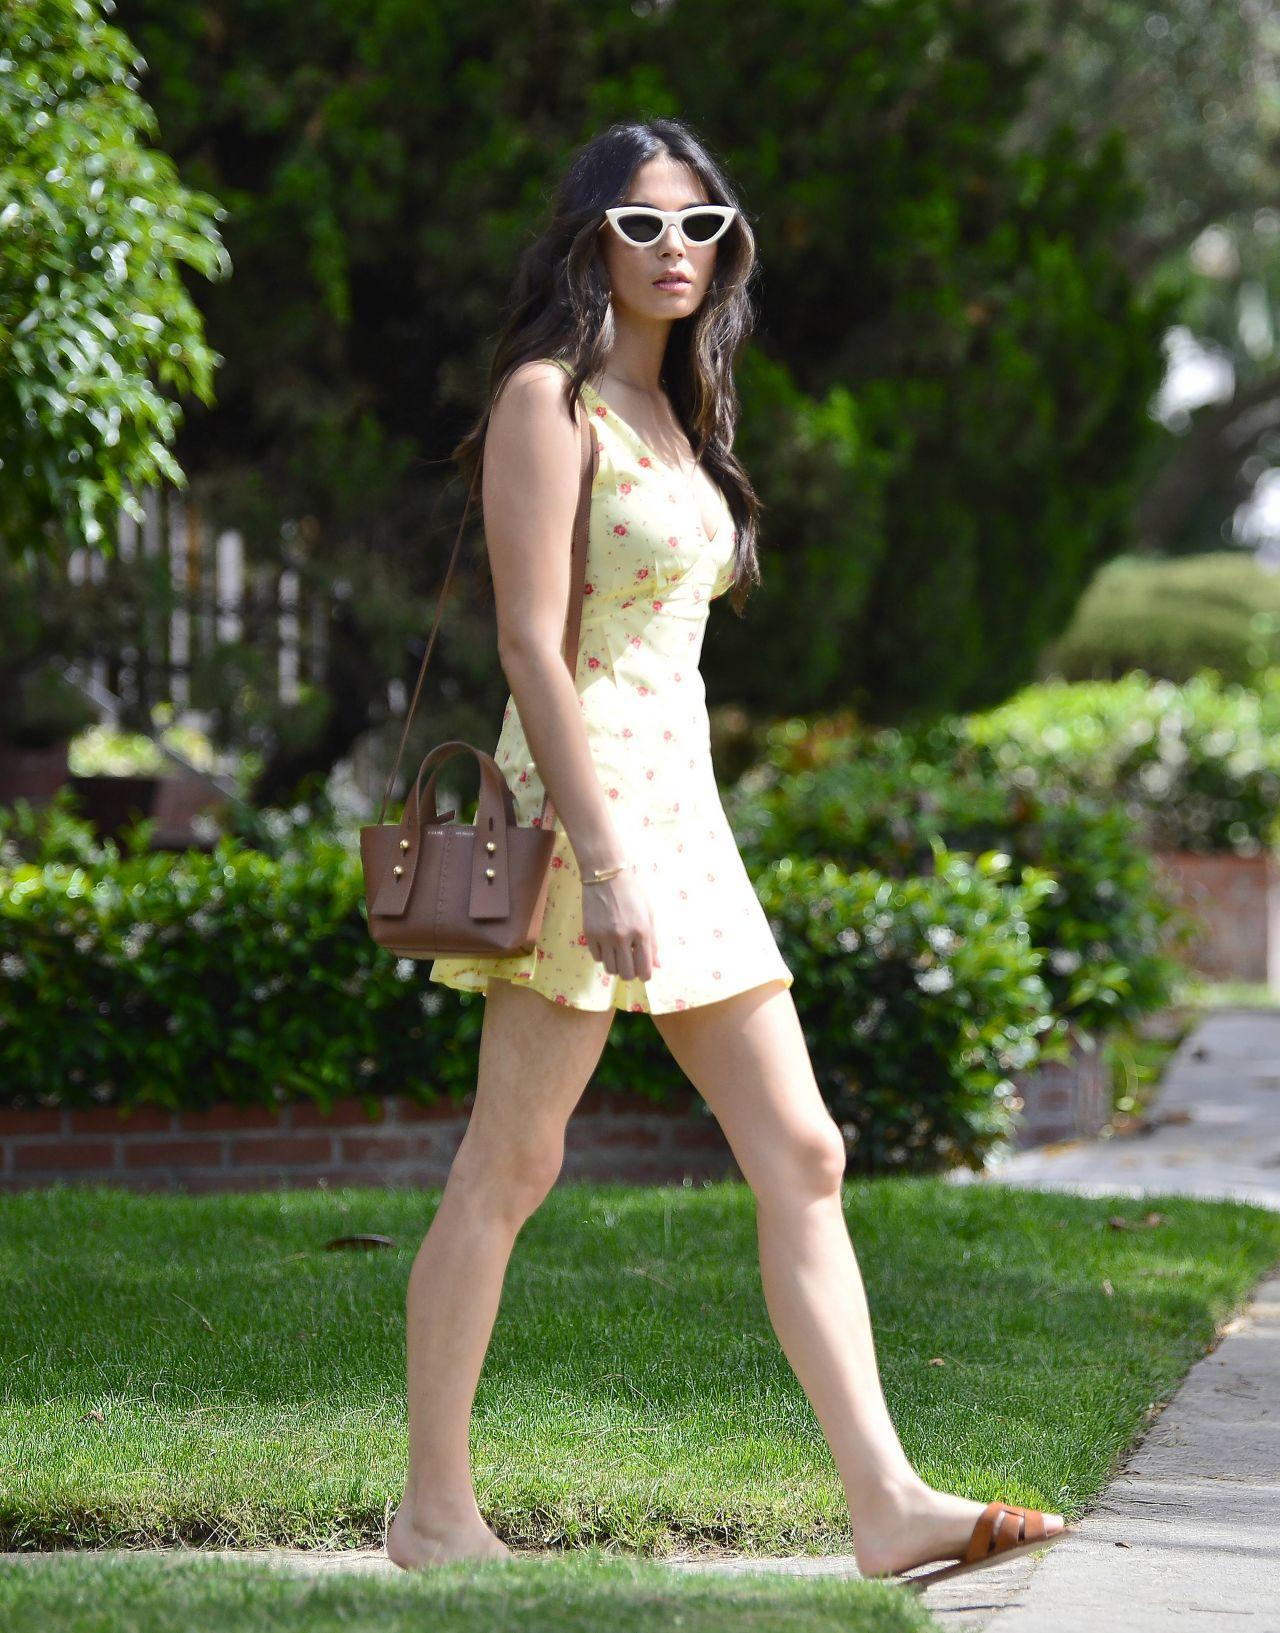 澳大利亚模特杰西卡·戈麦斯碎花黄色短裙亮相悉尼街头